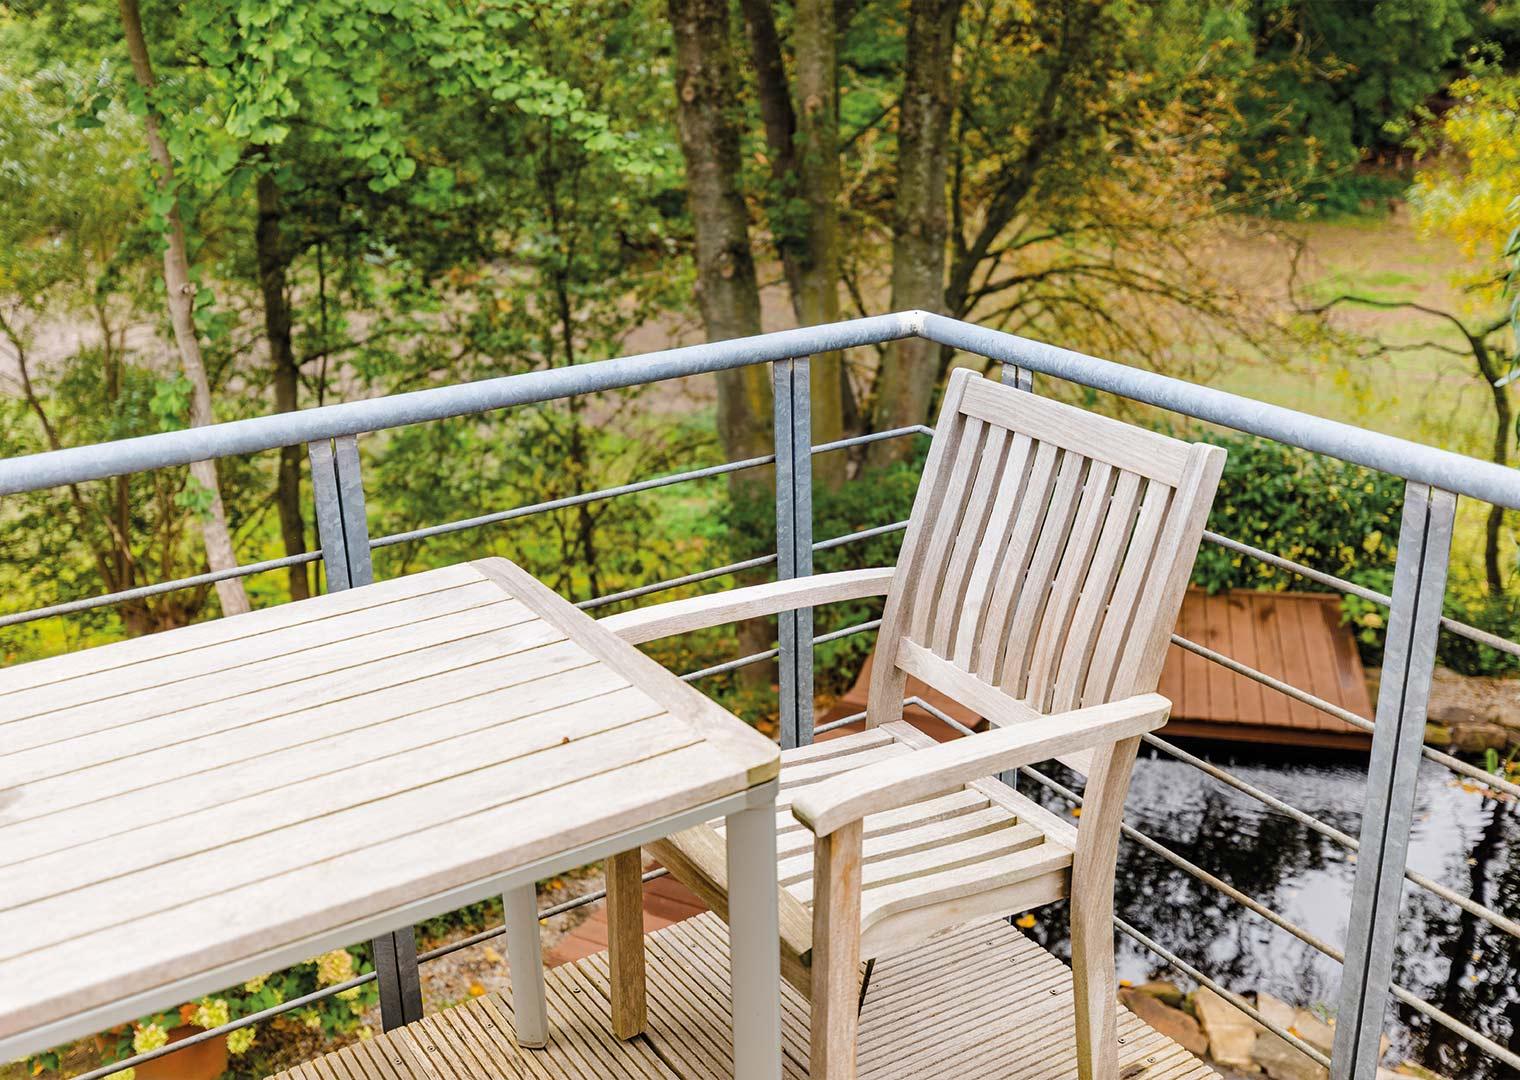 Link zur Bilddatei: menke_galabau_bochum_galeriebild_terrassen_verweilorte_balkon_holz